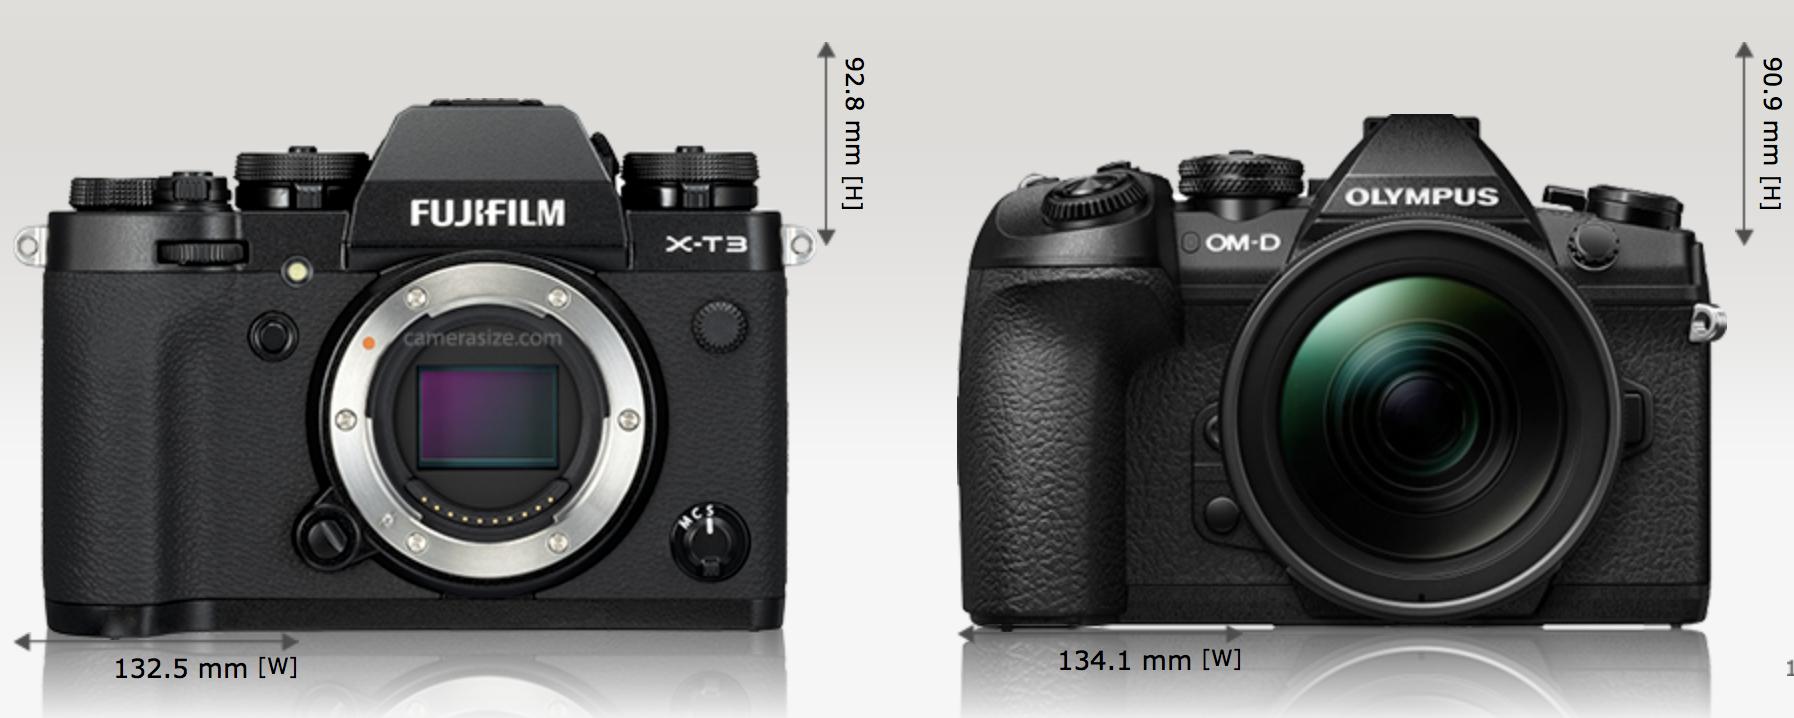 fef718c706da12515320c7f7ec117eb3 - 富士フィルム X-T3とオリンパス OM-D E-M1markⅡを比較してみました